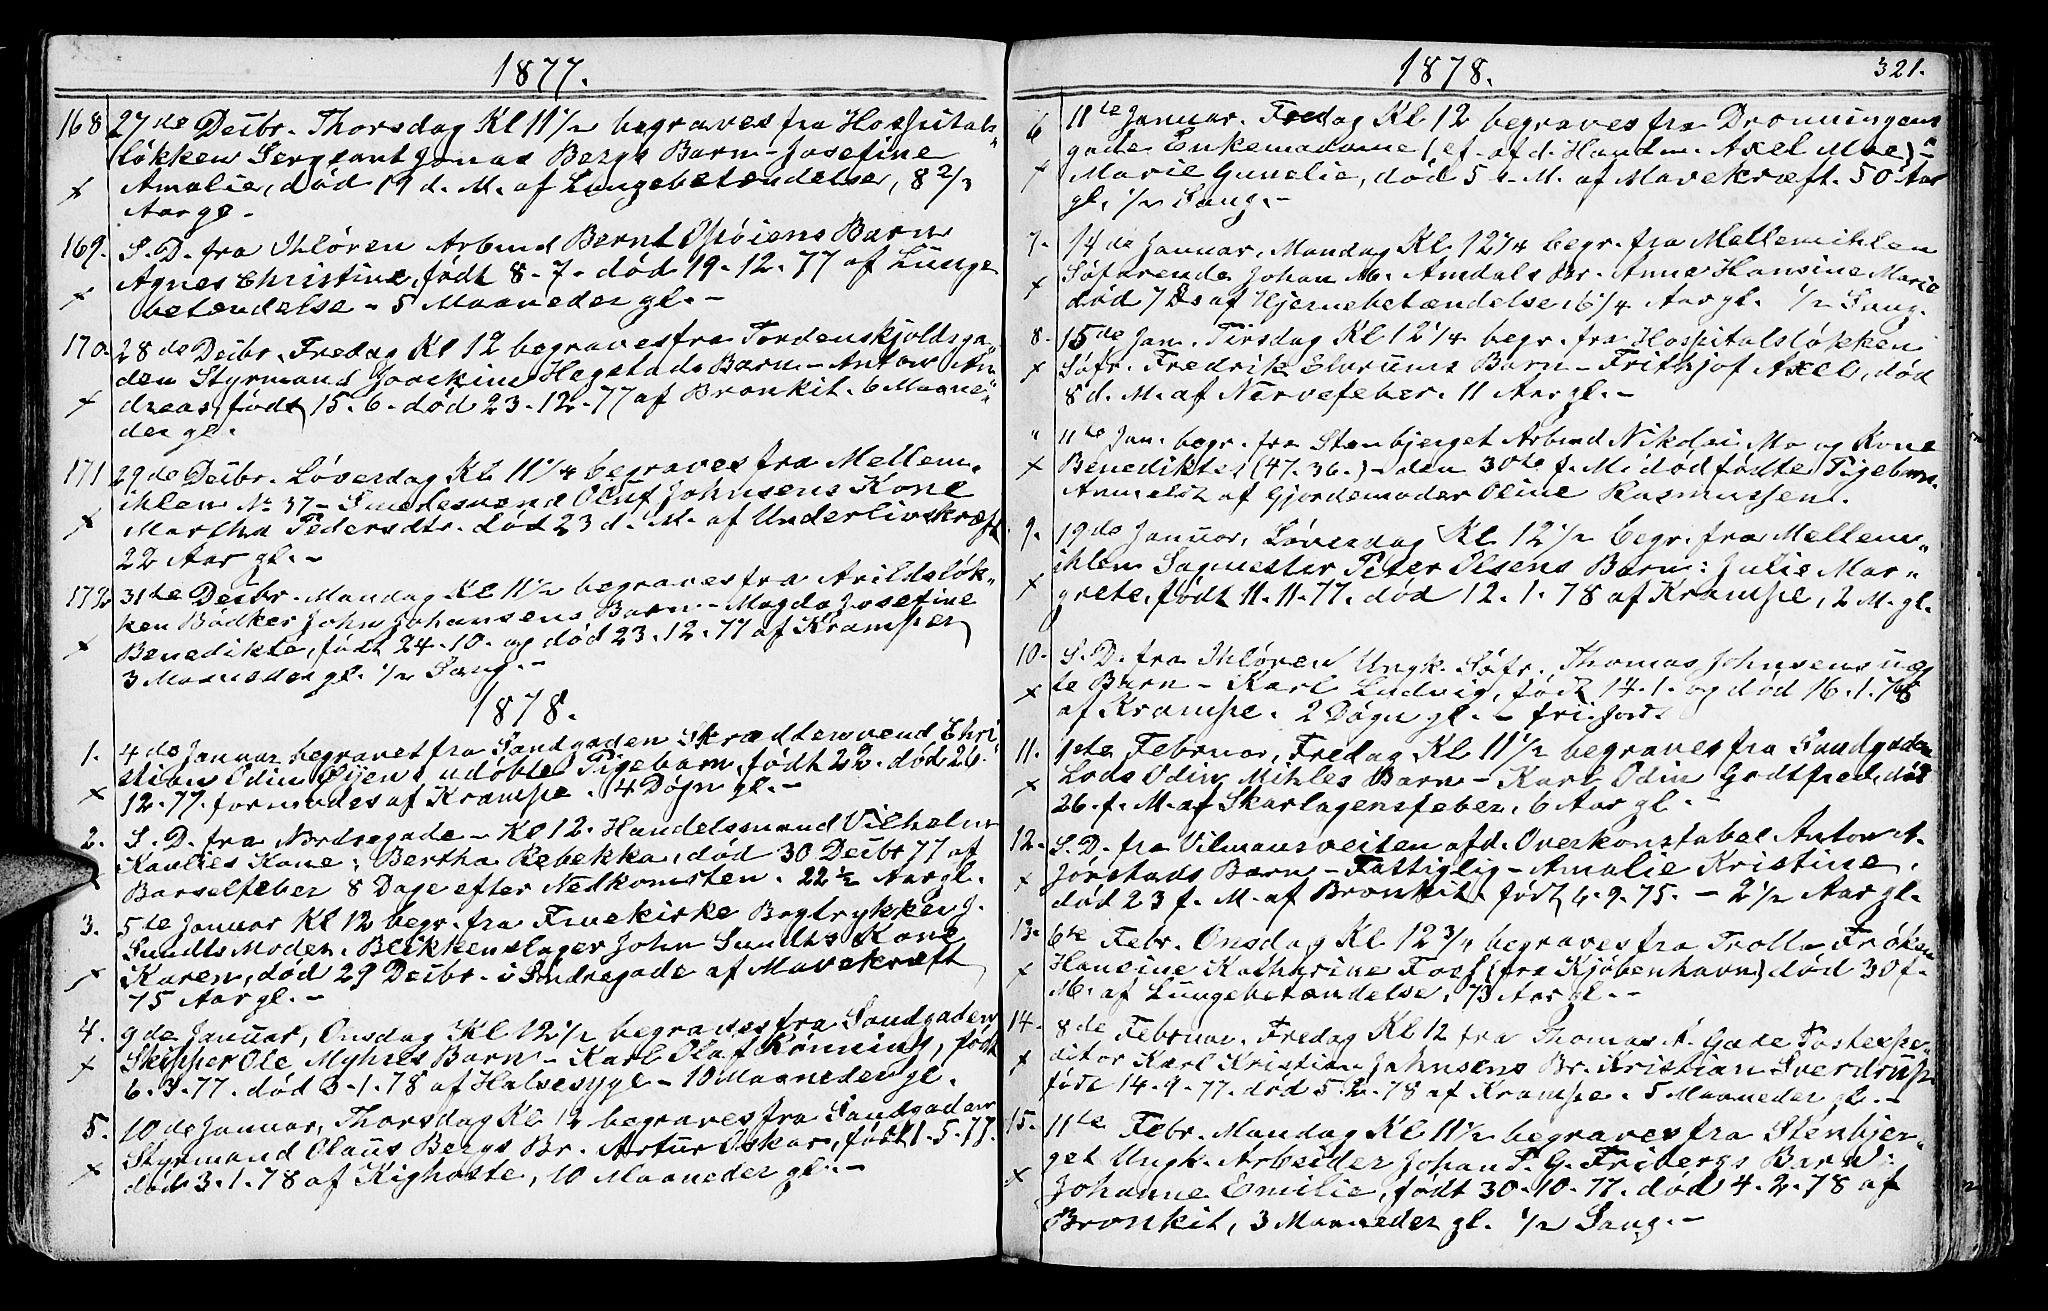 SAT, Ministerialprotokoller, klokkerbøker og fødselsregistre - Sør-Trøndelag, 602/L0142: Klokkerbok nr. 602C10, 1872-1894, s. 321